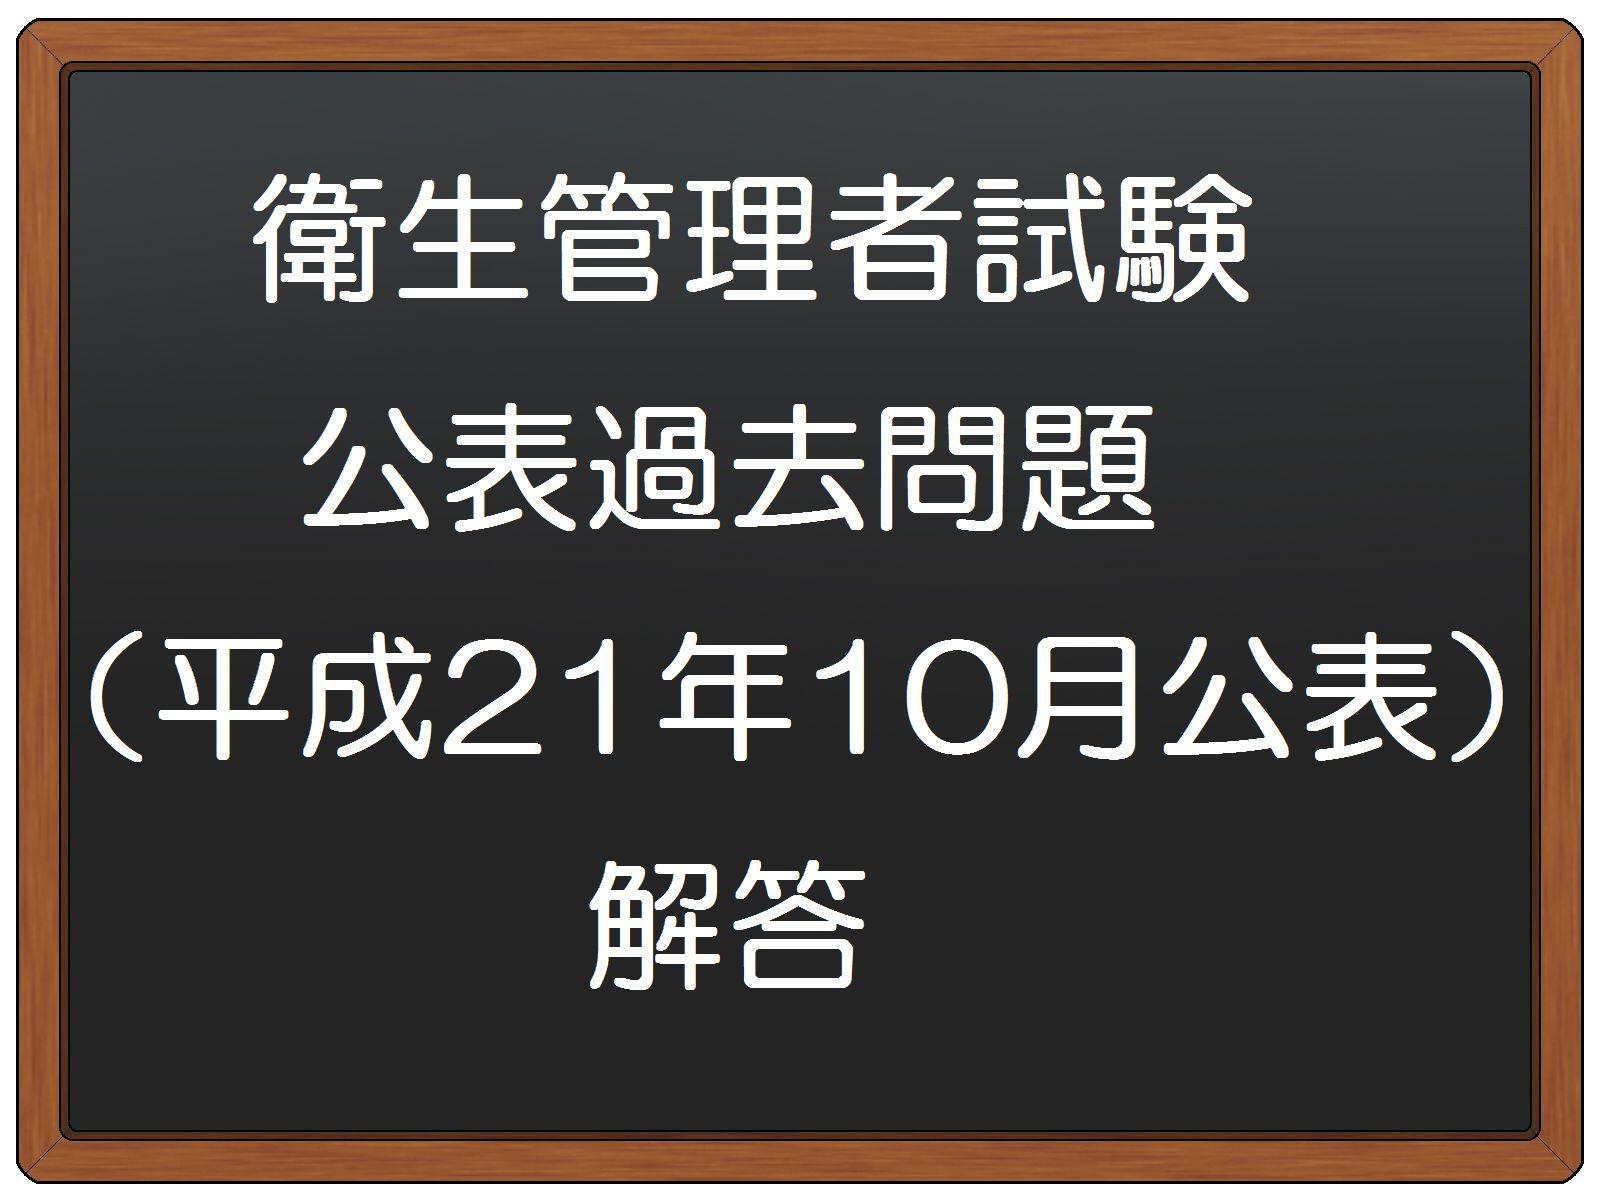 衛生管理者試験解答平成21年10月